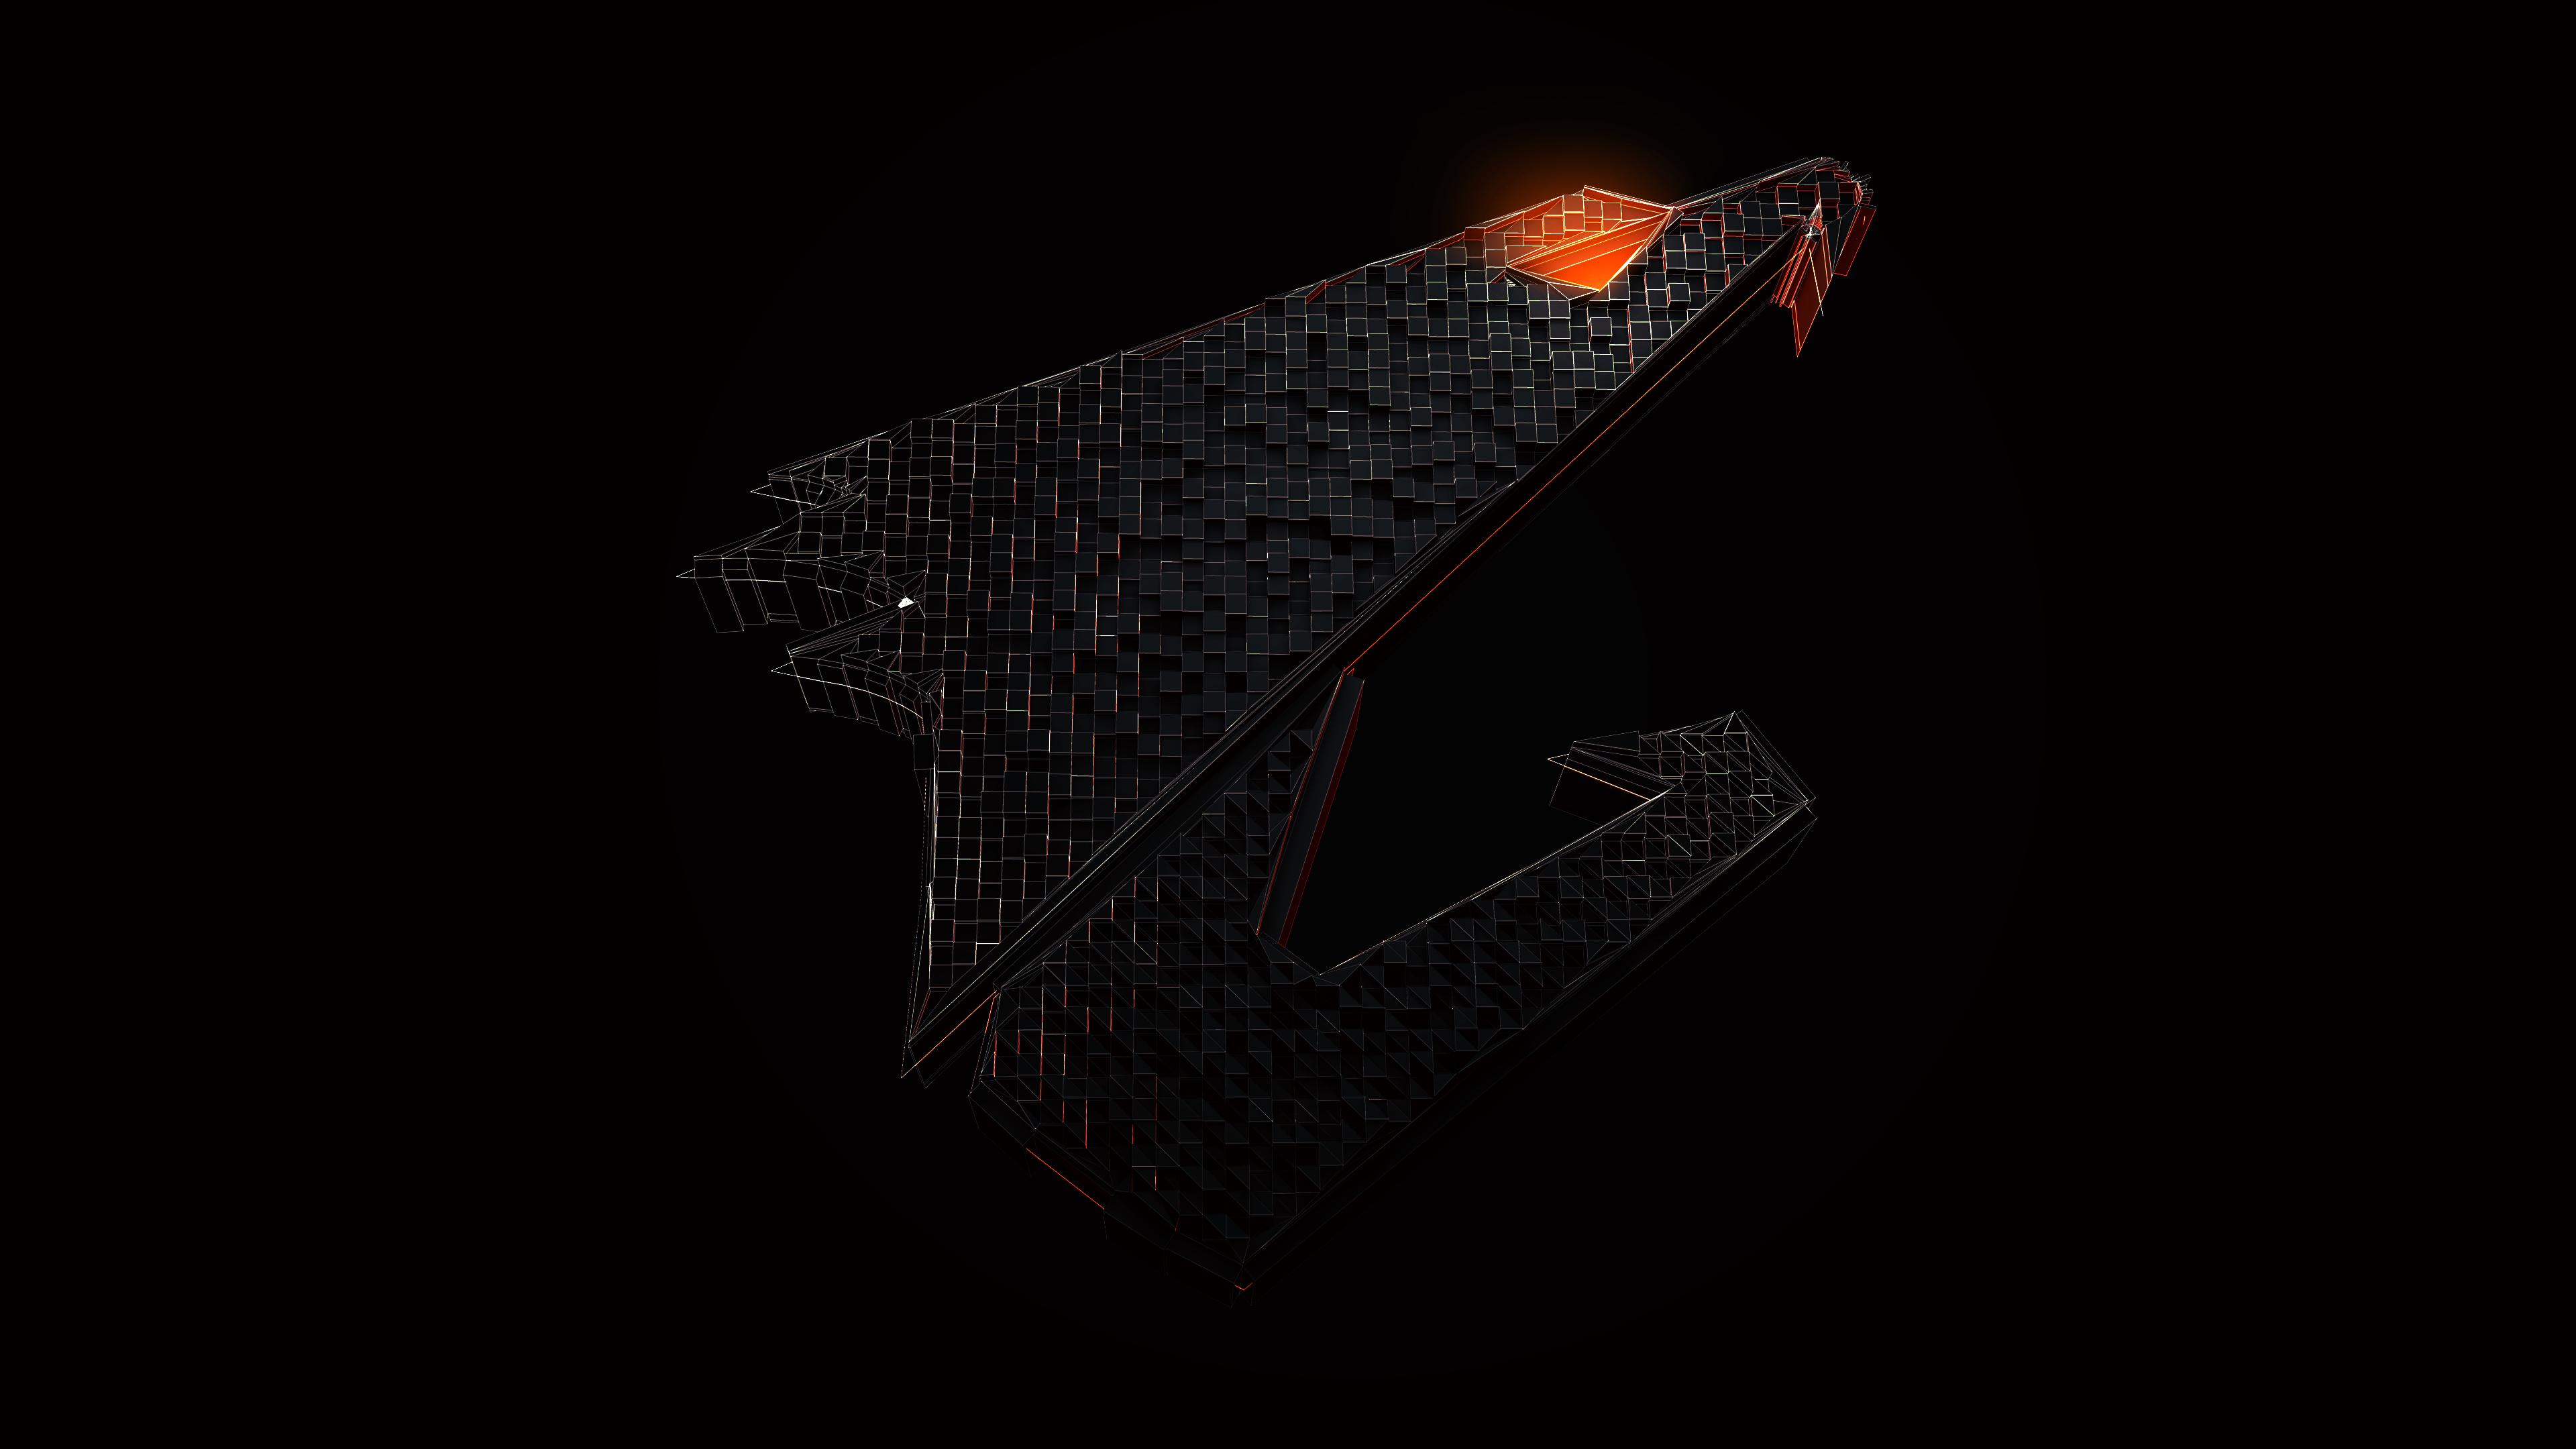 Sfondi Gigabyte Aorus Logo Giochi Per Pc Tecnologia Sfondo